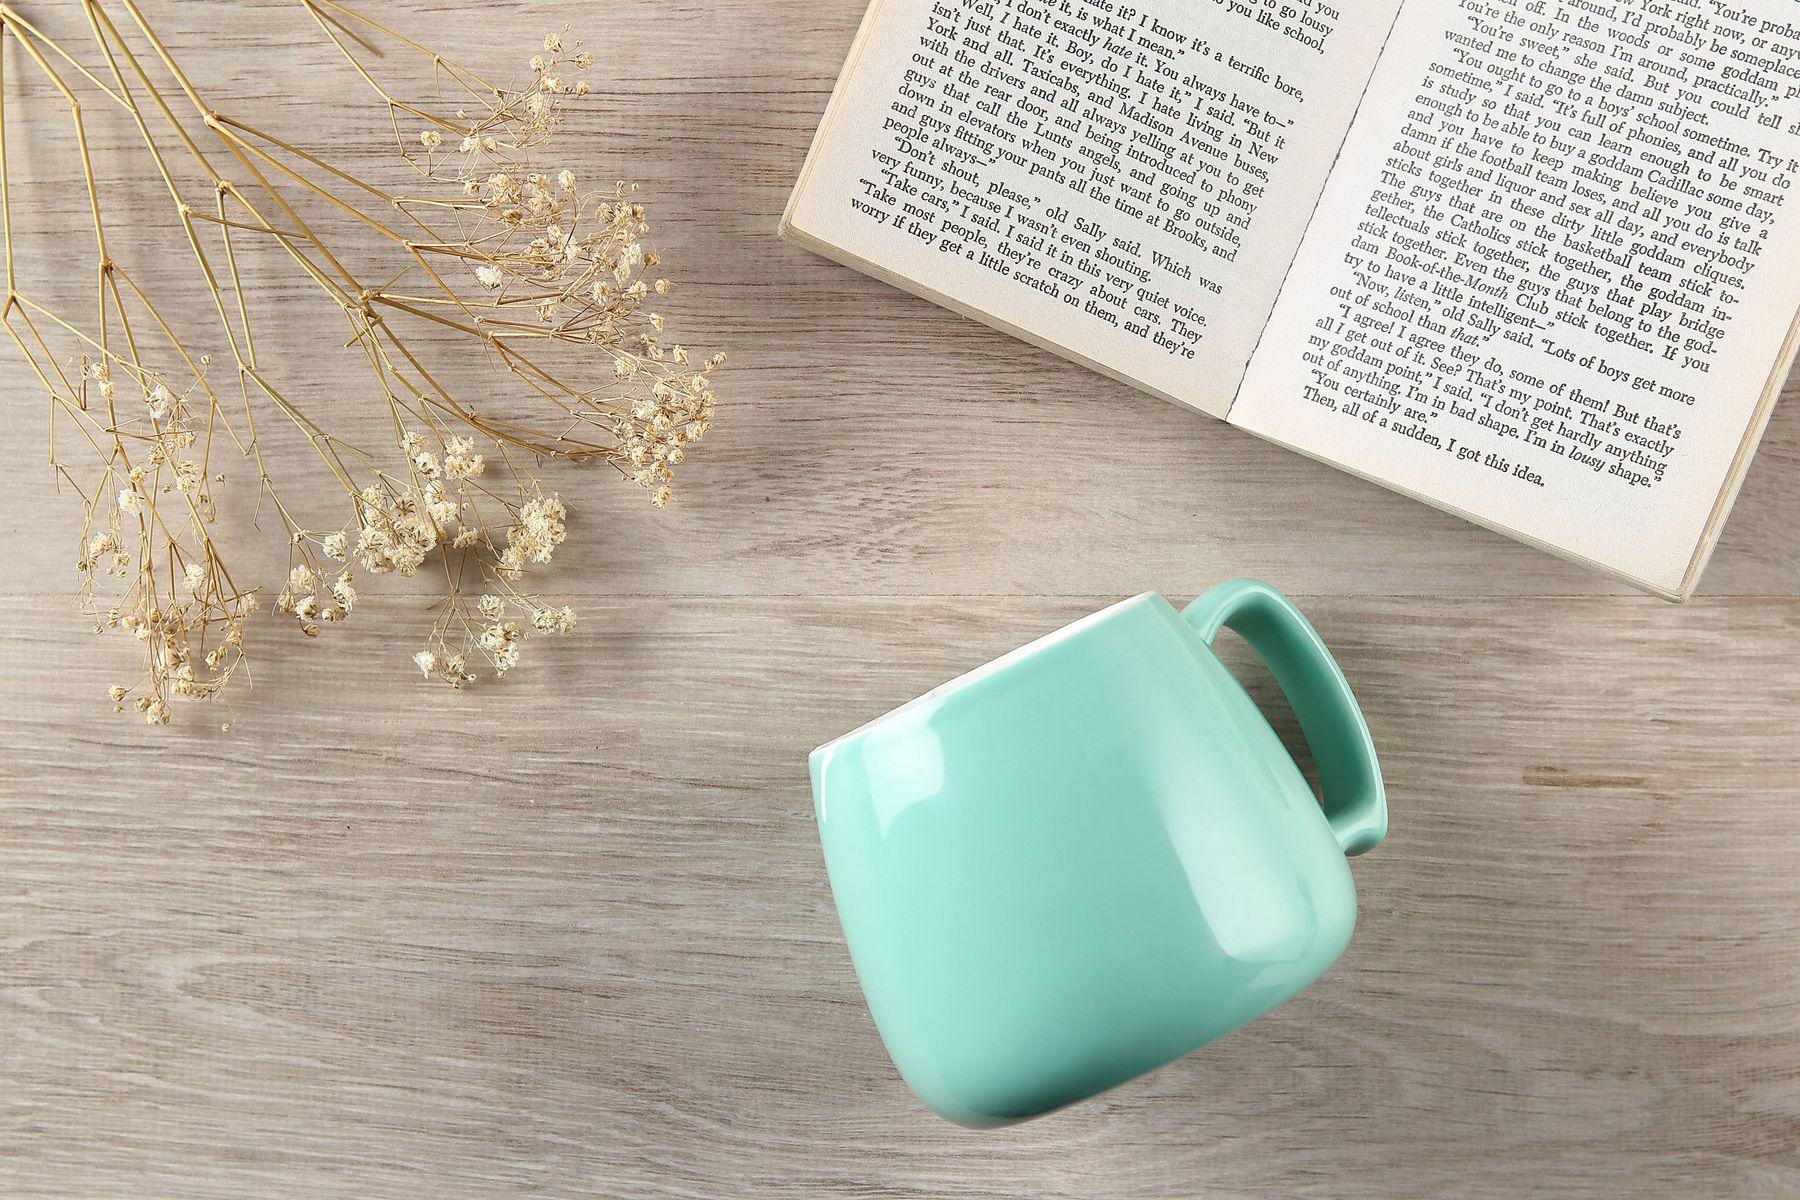 porcelanowy kubek i otwarta książka na drewnianym stole